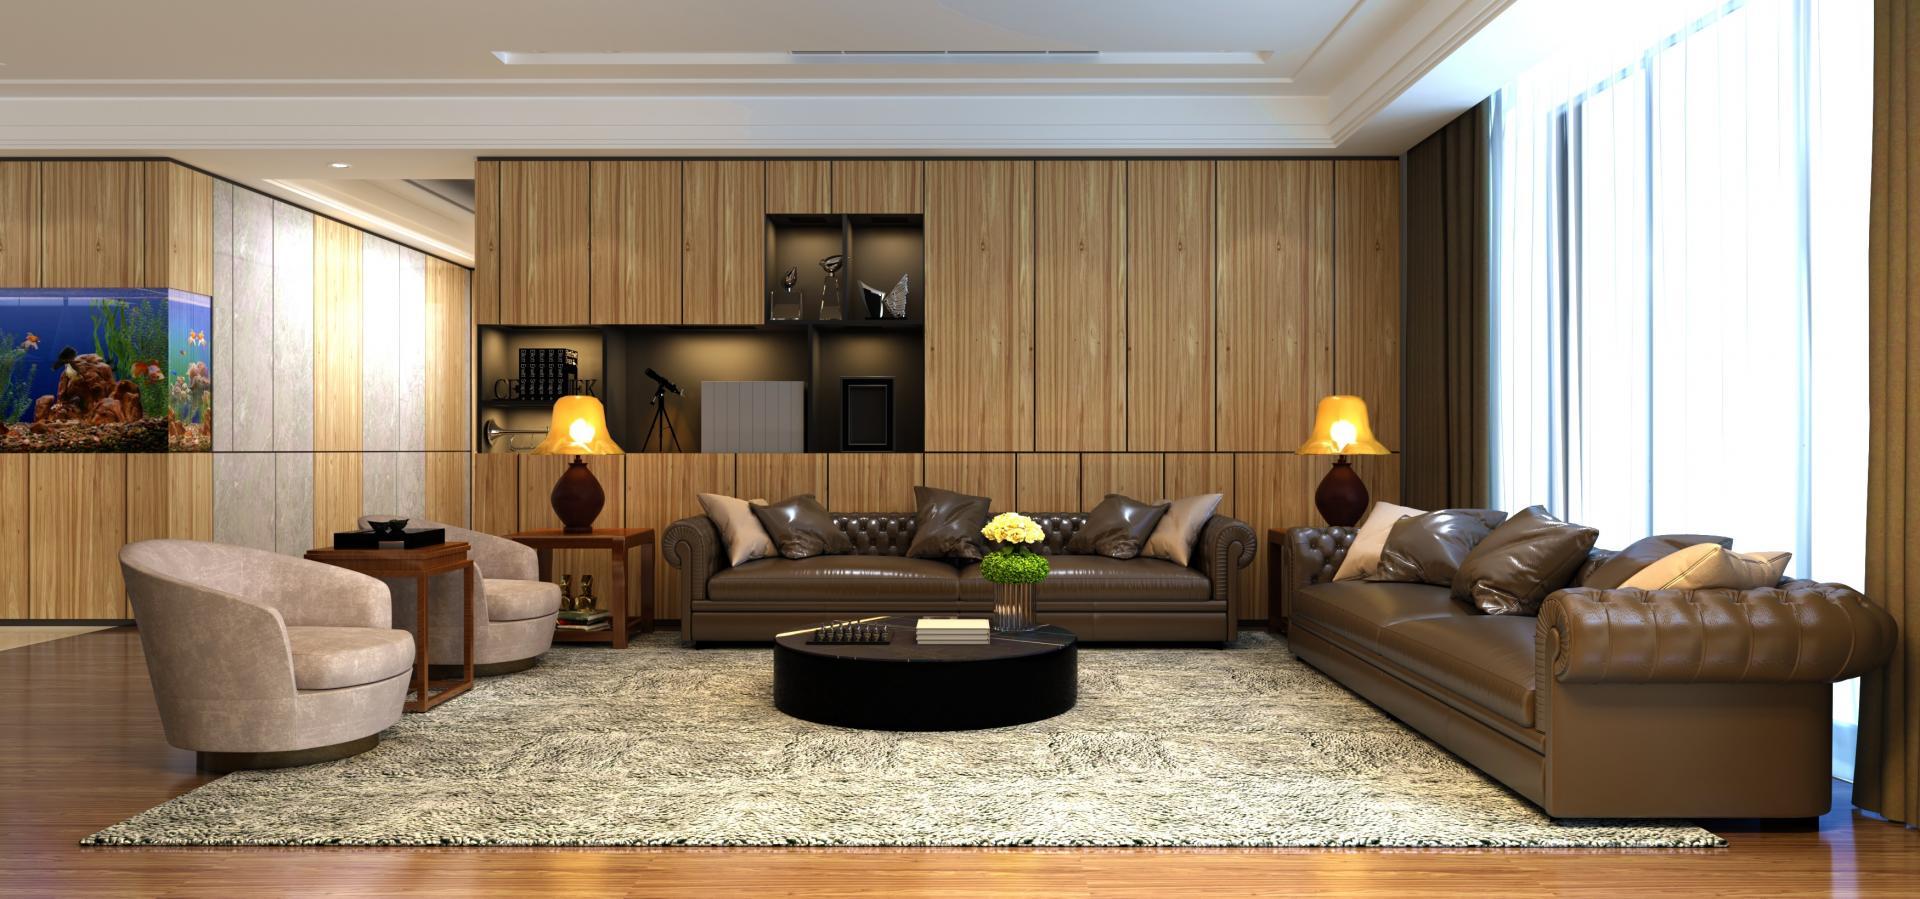 Salon Mobilya Projeleri